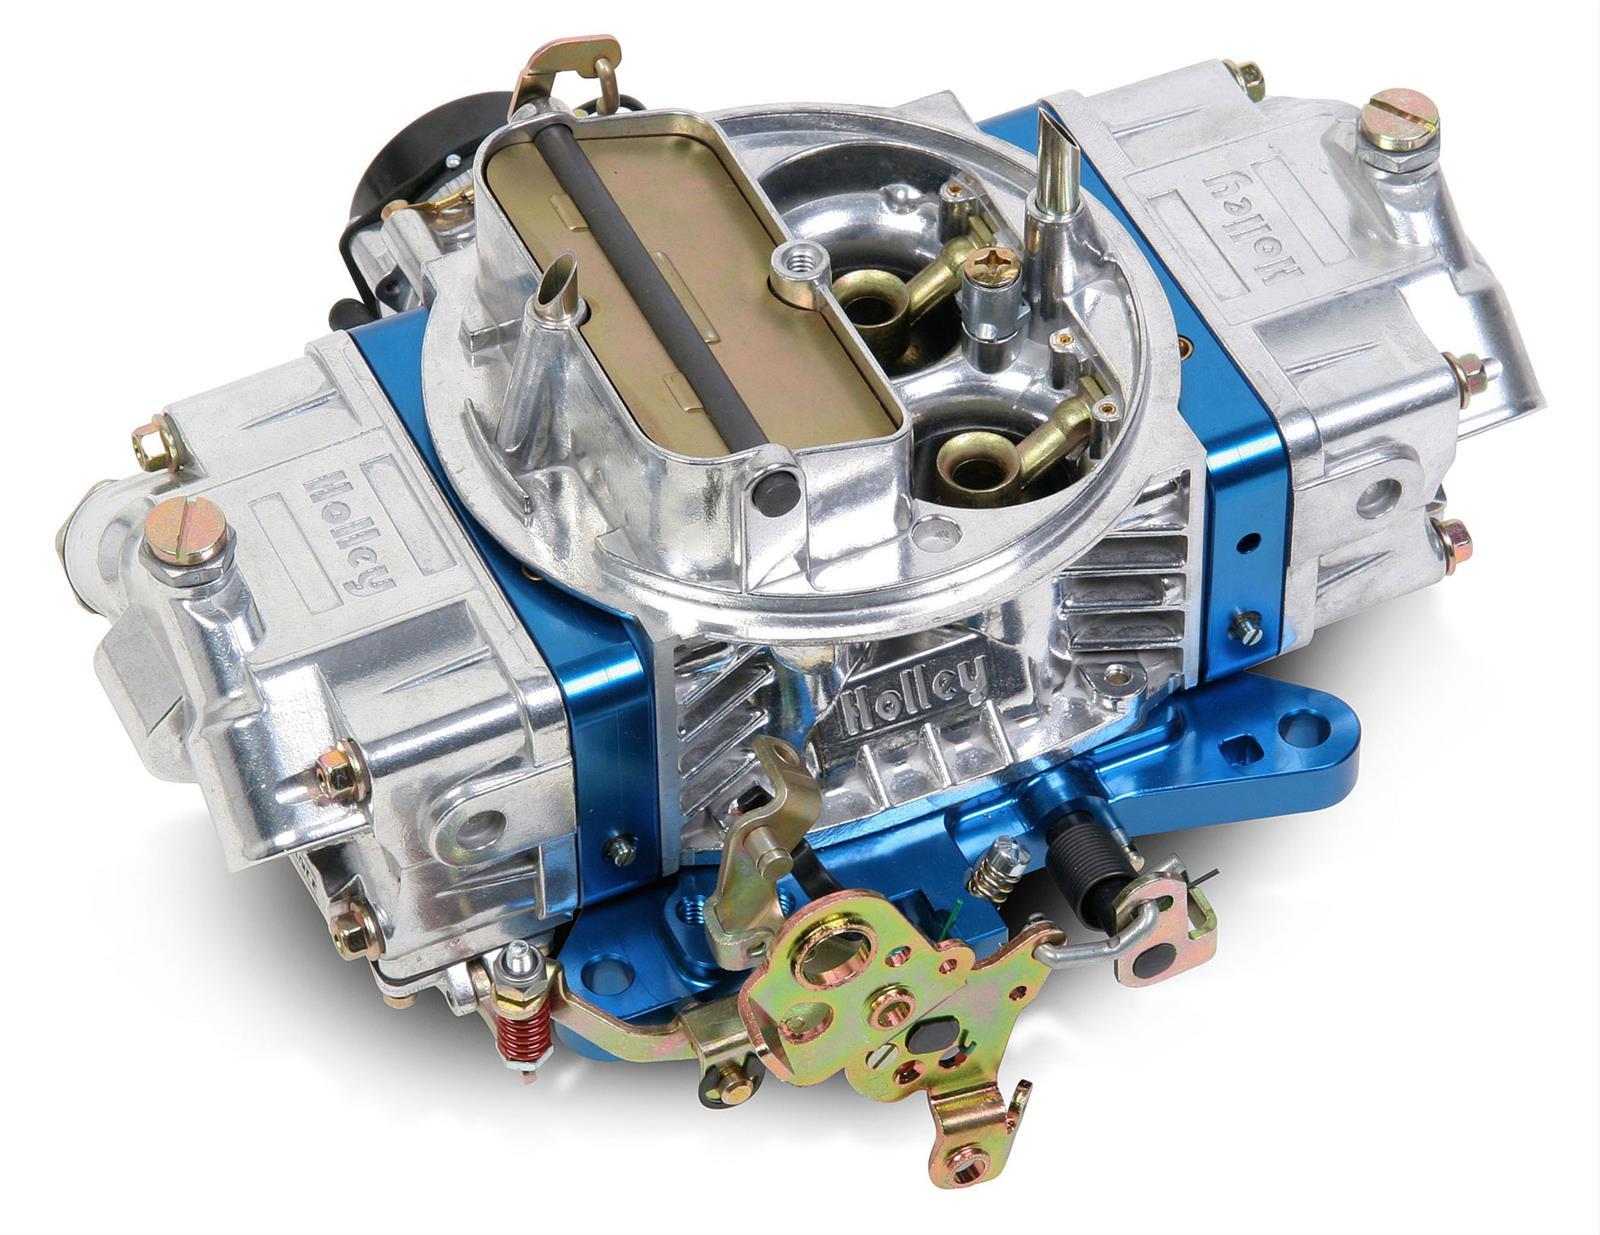 Holley Ultra Double Pumper Carburetors 0-76750BL